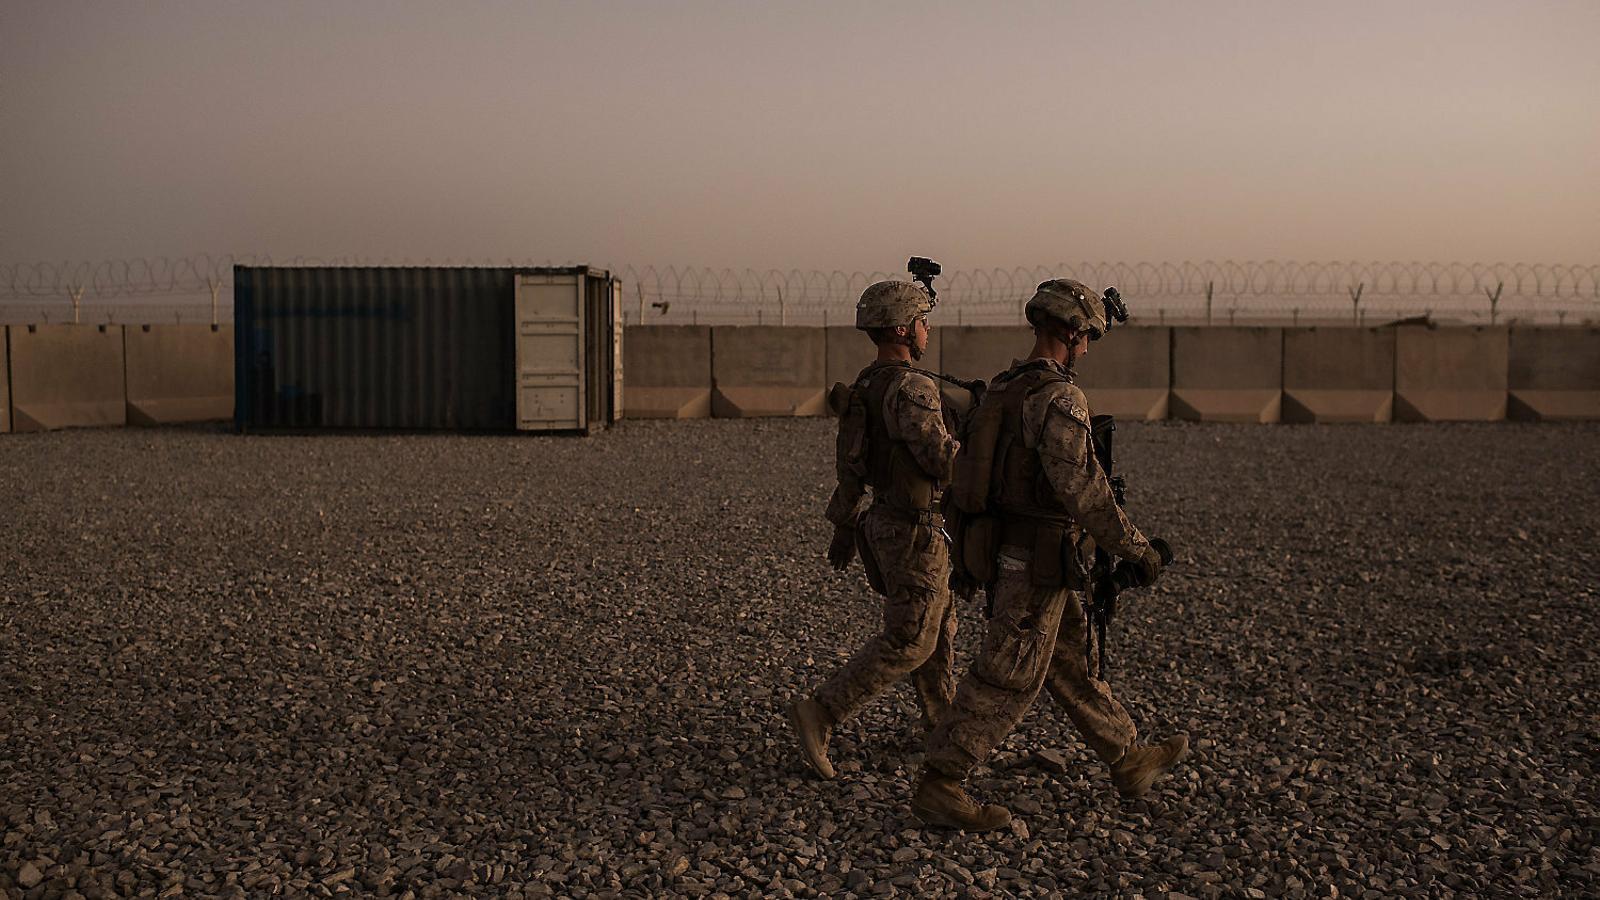 Dos marines caminant per una base nord-americana a la província de Helmand en una imatge del 2017.